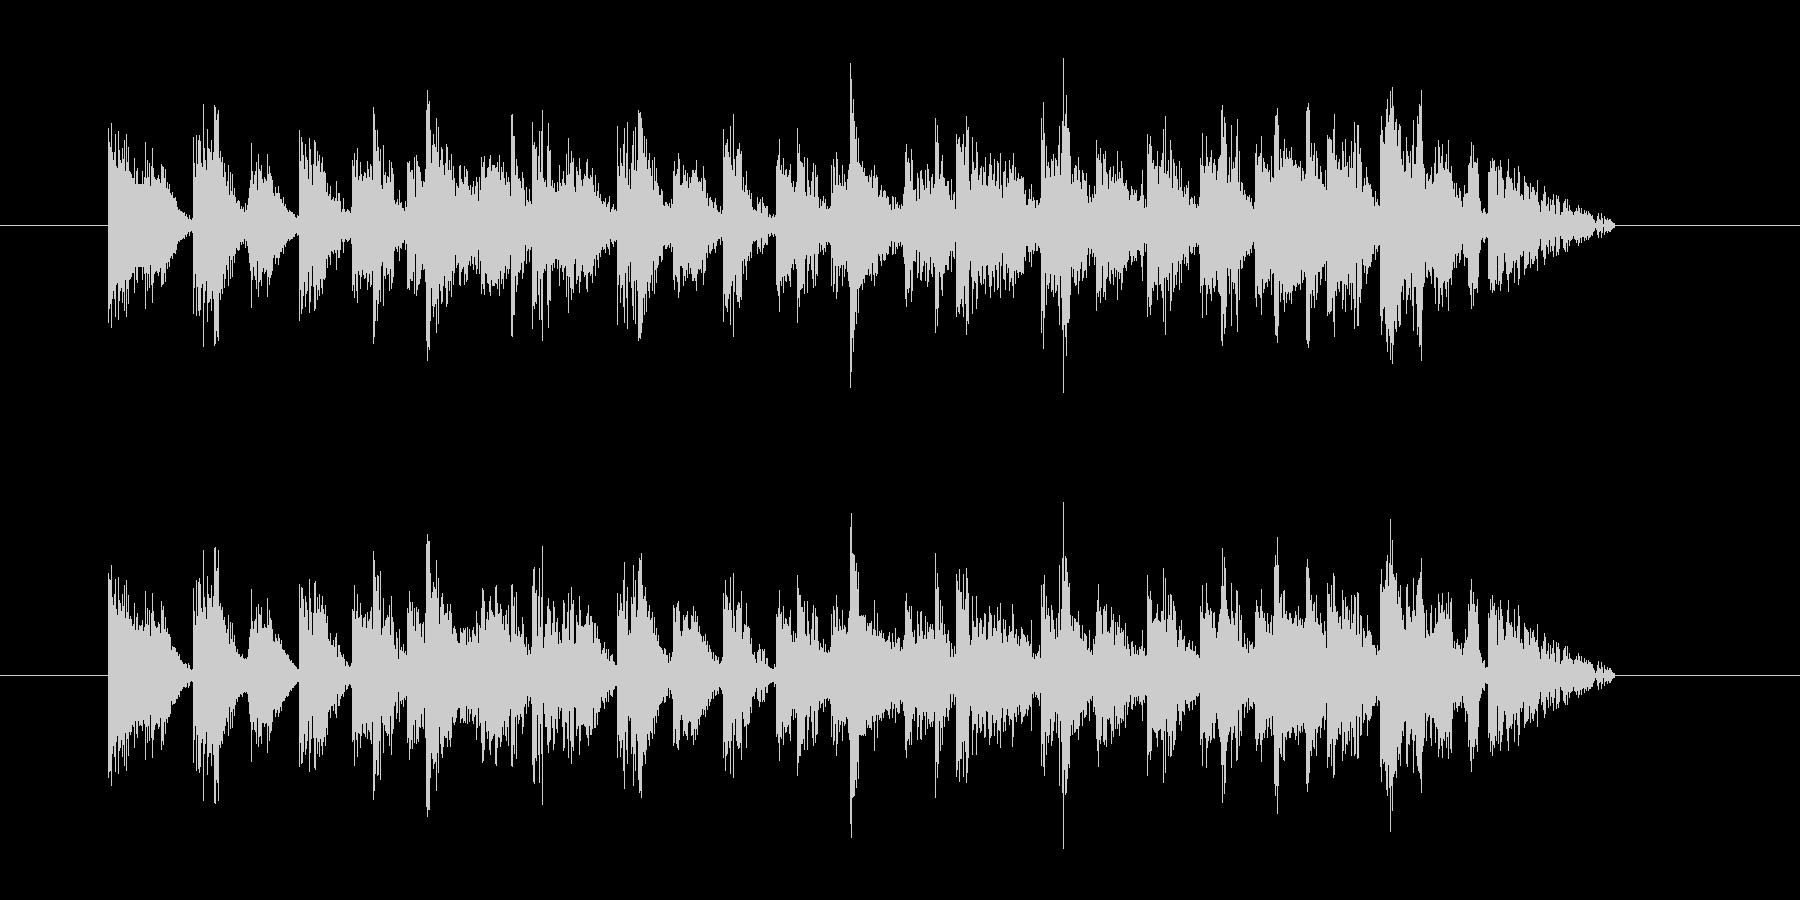 各種Hit系音色を組み合わせたジングルの未再生の波形